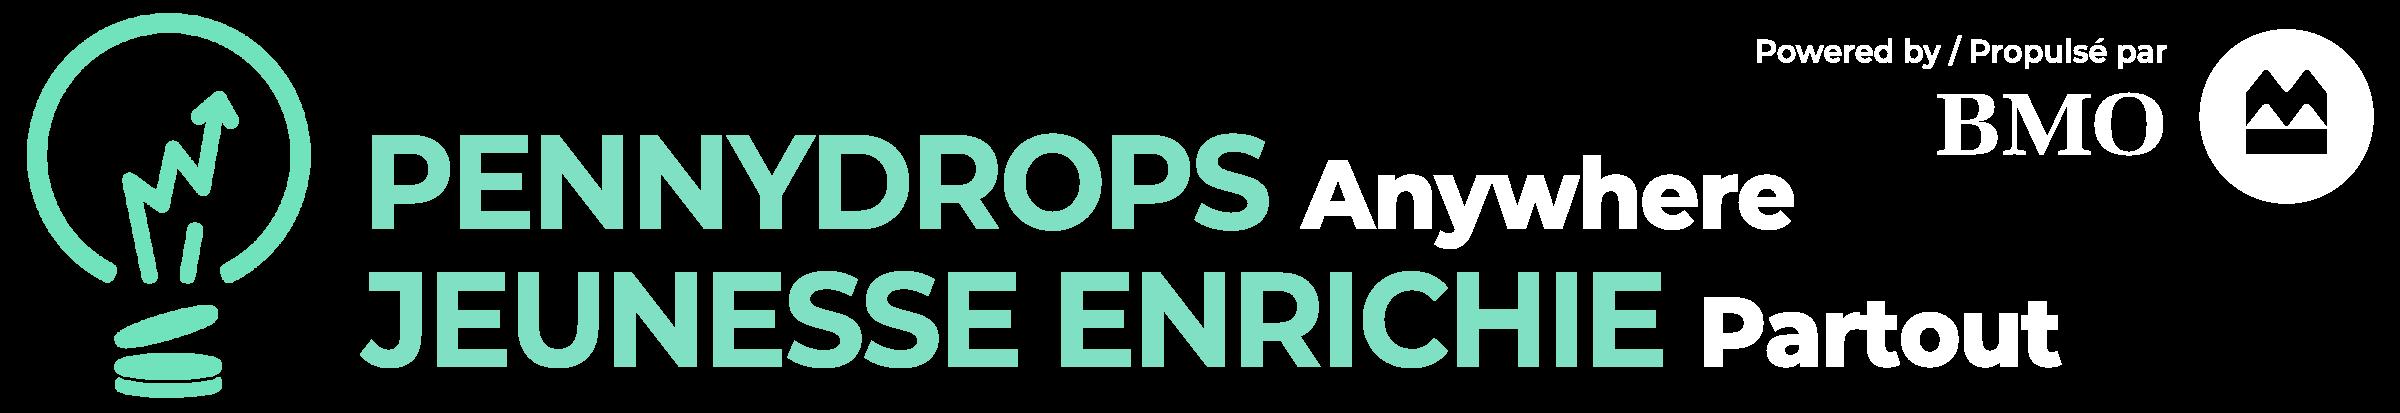 PennyDrops Anywhere / Jeunesse Enrichie Partout